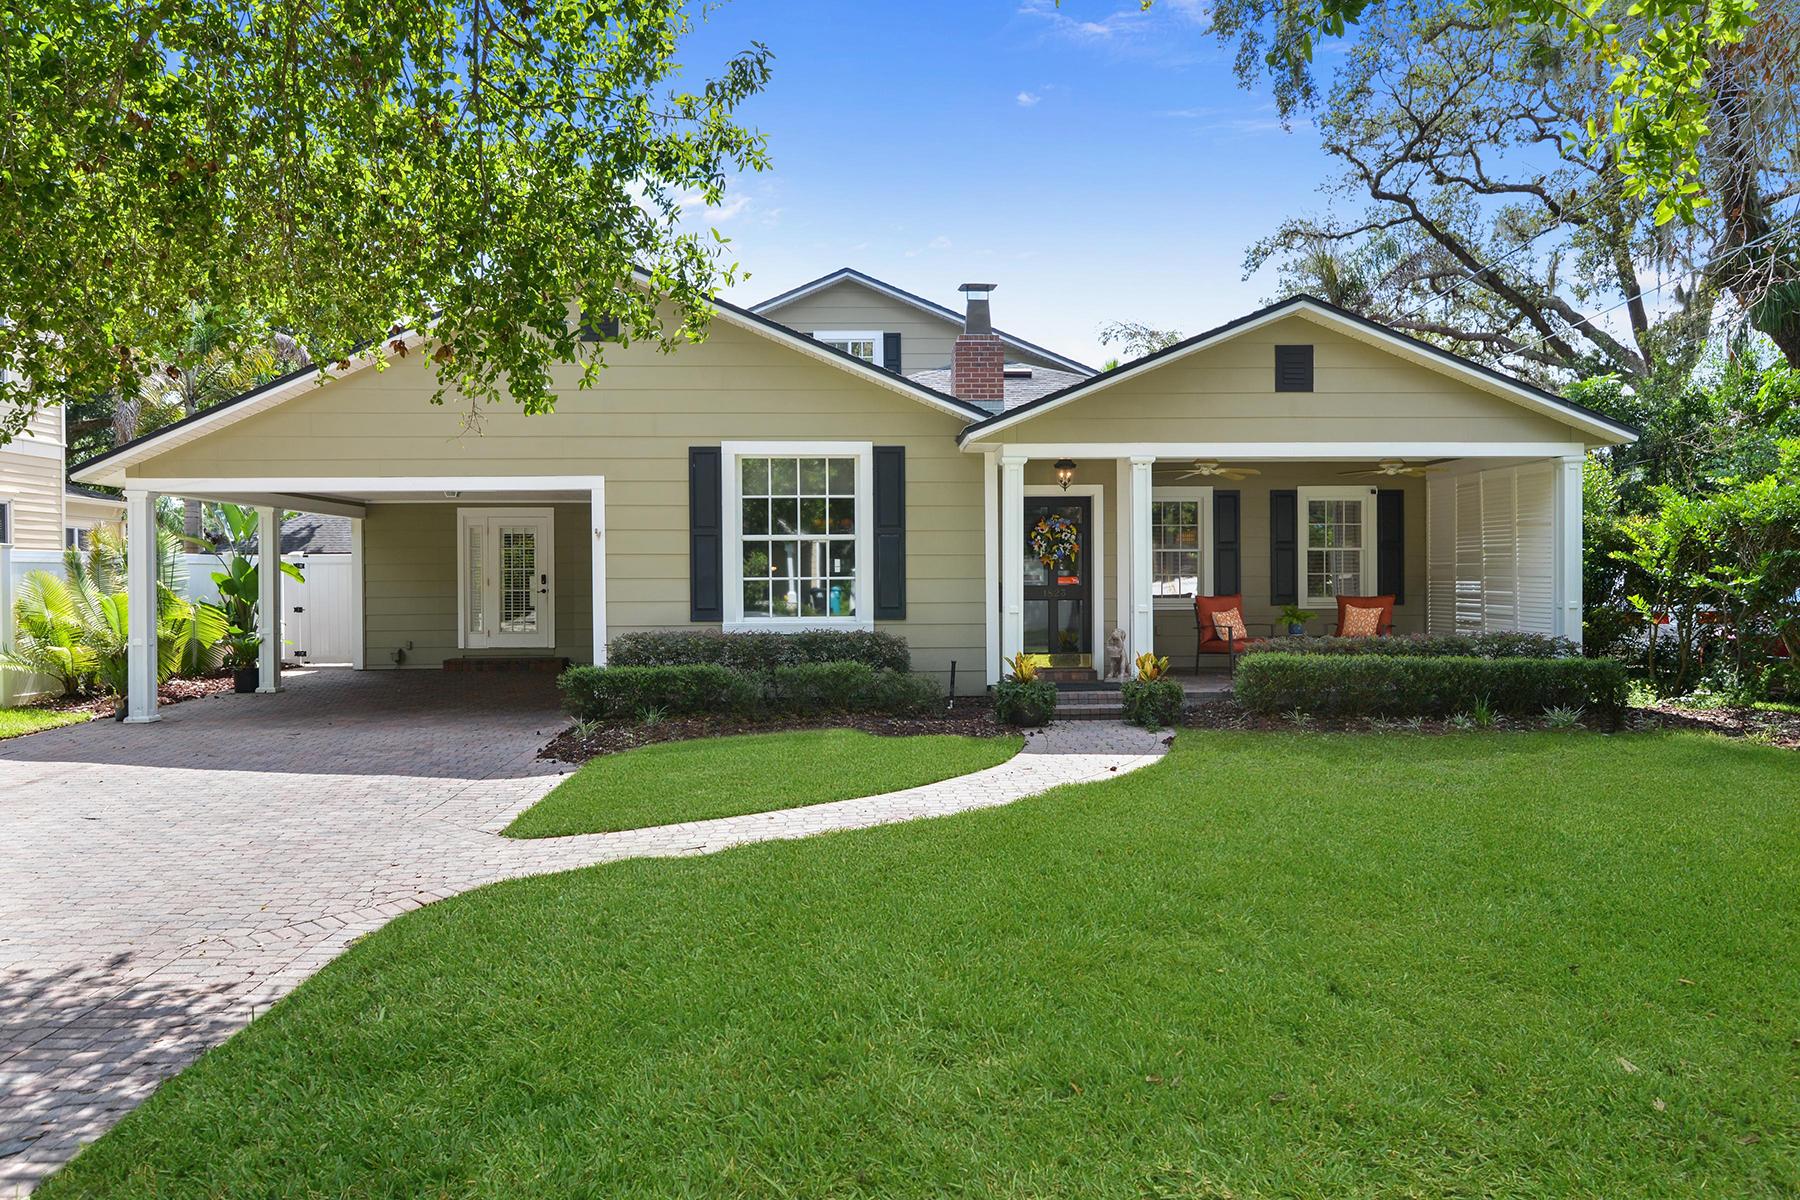 Maison unifamiliale pour l Vente à 1823 S Osceola Ave , Orlando, FL 32806 1823 S Osceola Ave Orlando, Florida 32806 États-Unis